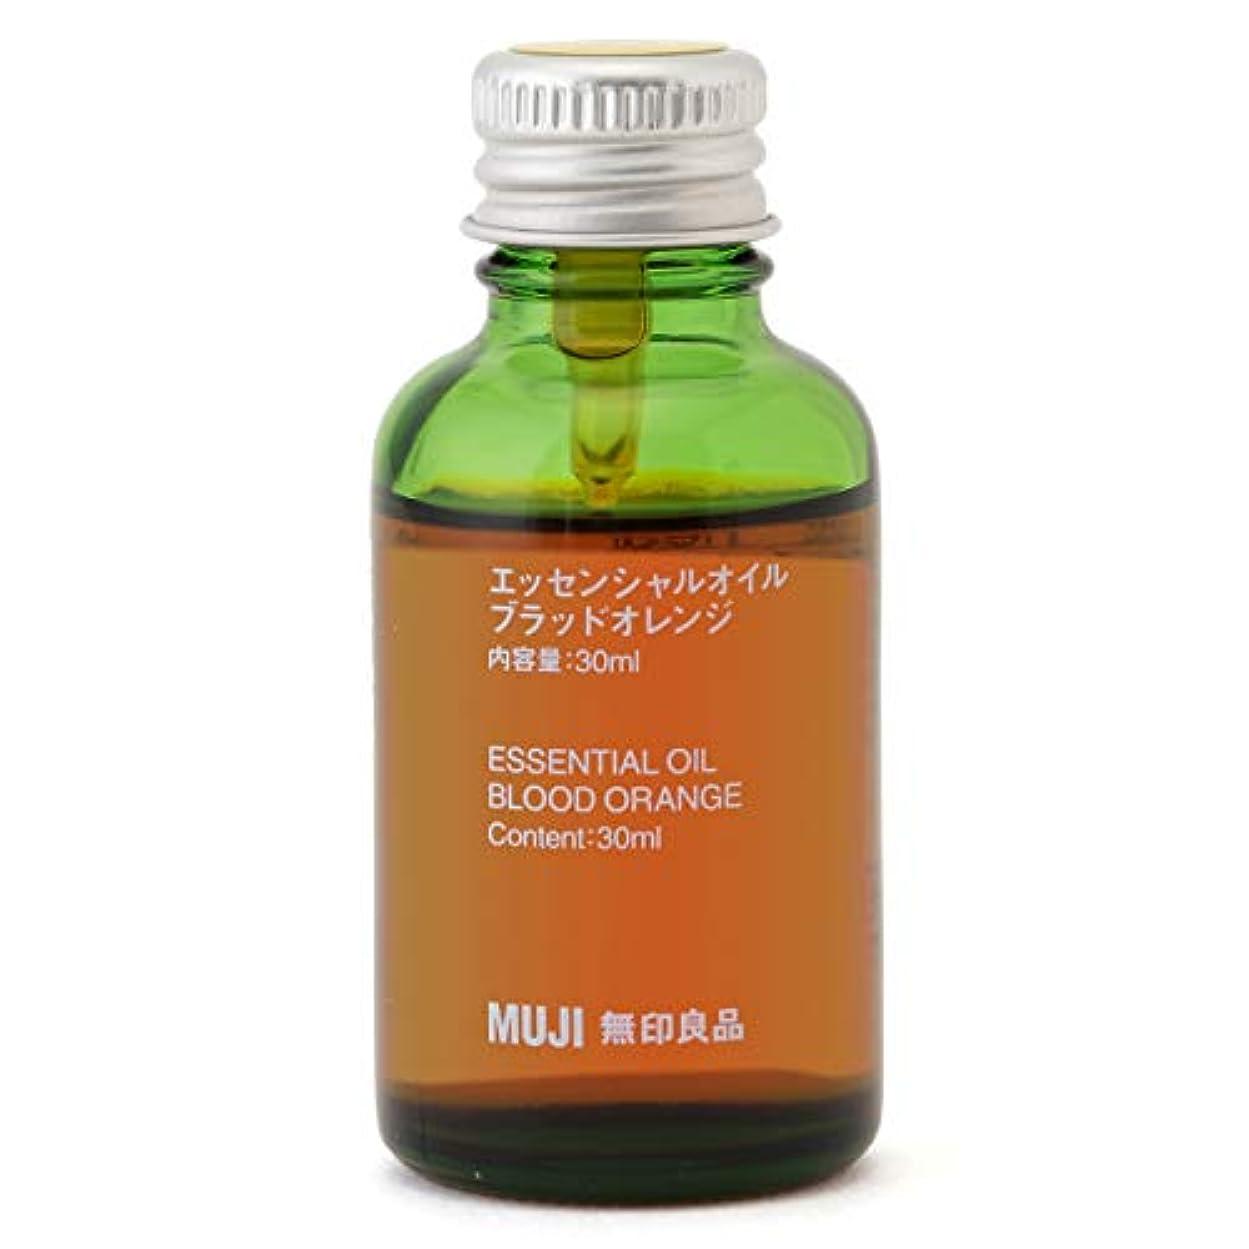 パイプラインスティーブンソン痛み【無印良品】エッセンシャルオイル30ml(ブラッドオレンジ)